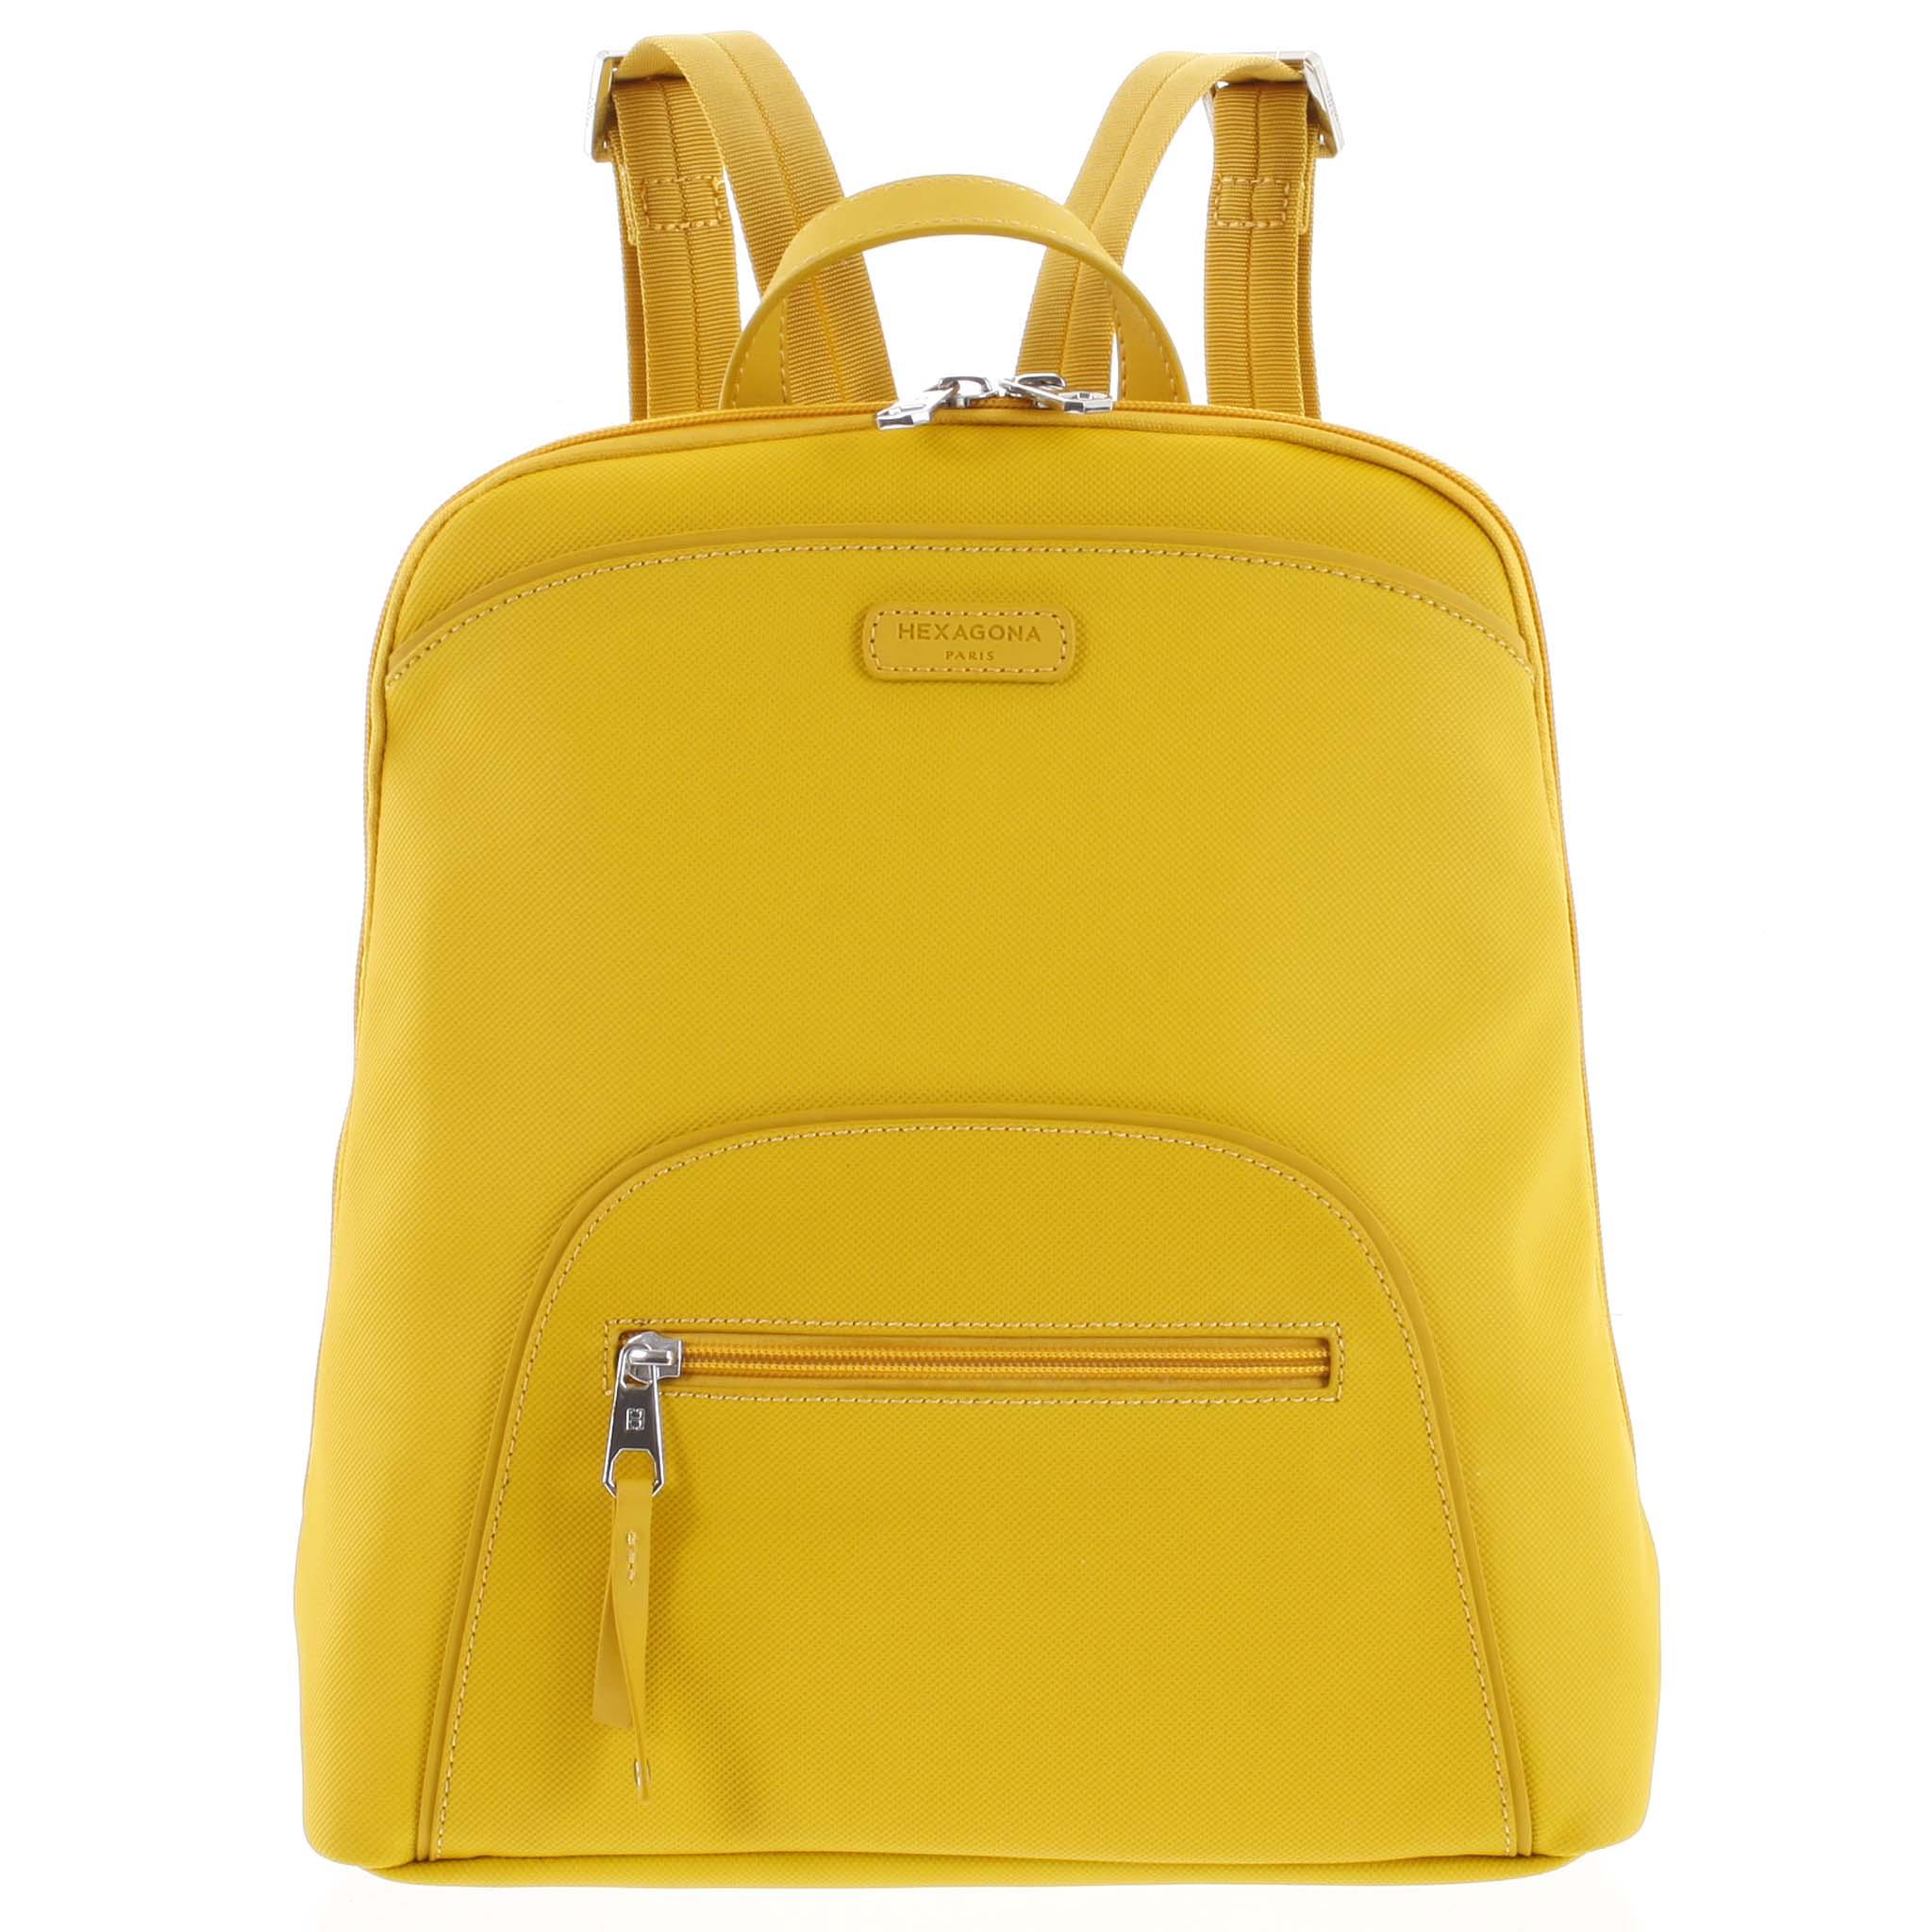 Dámsky batoh žltý - Hexagona Smalmer